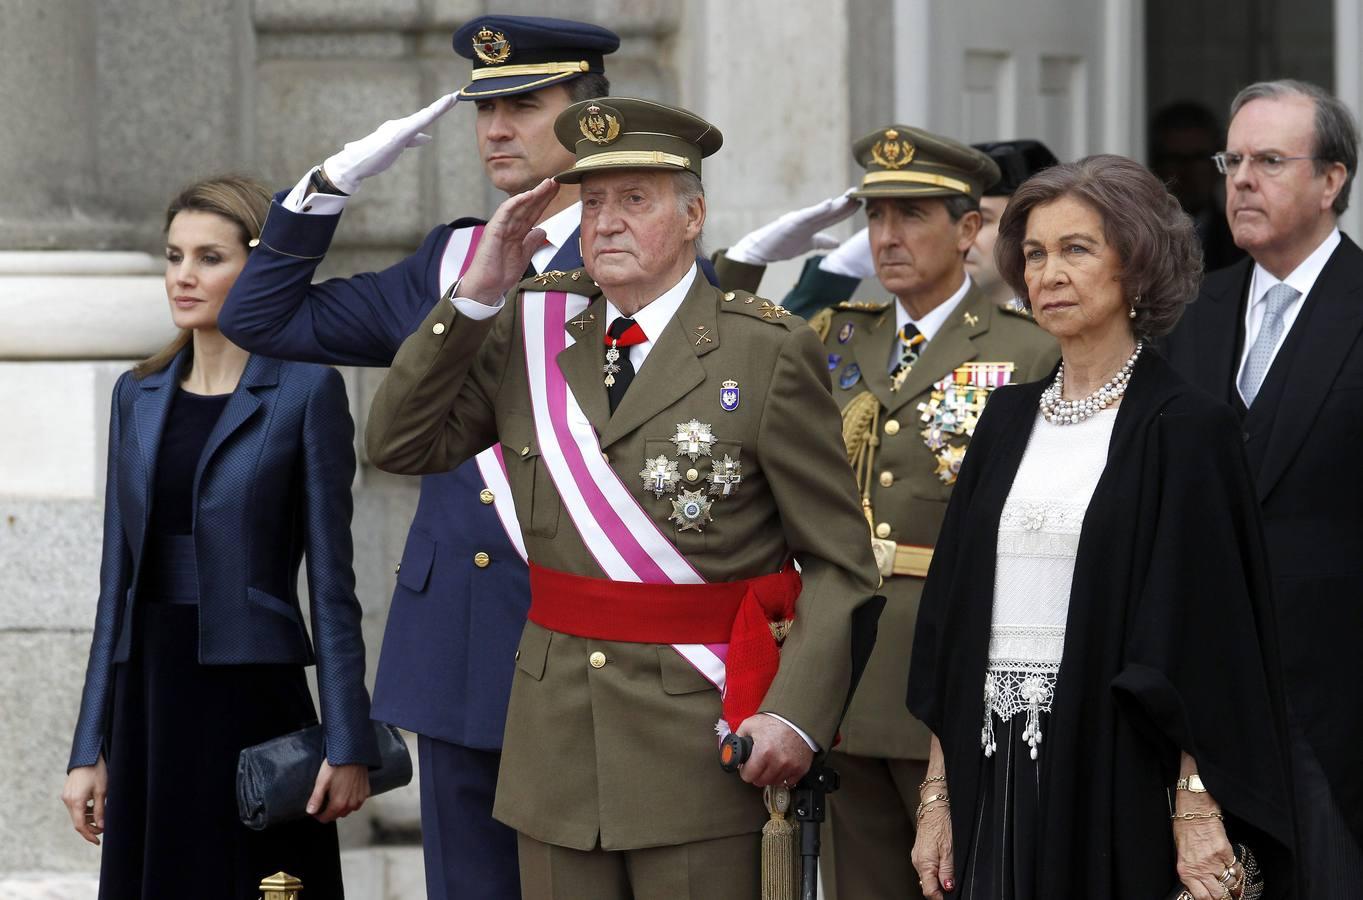 El Rey preside la Pascua Militar ayudado por dos muletas